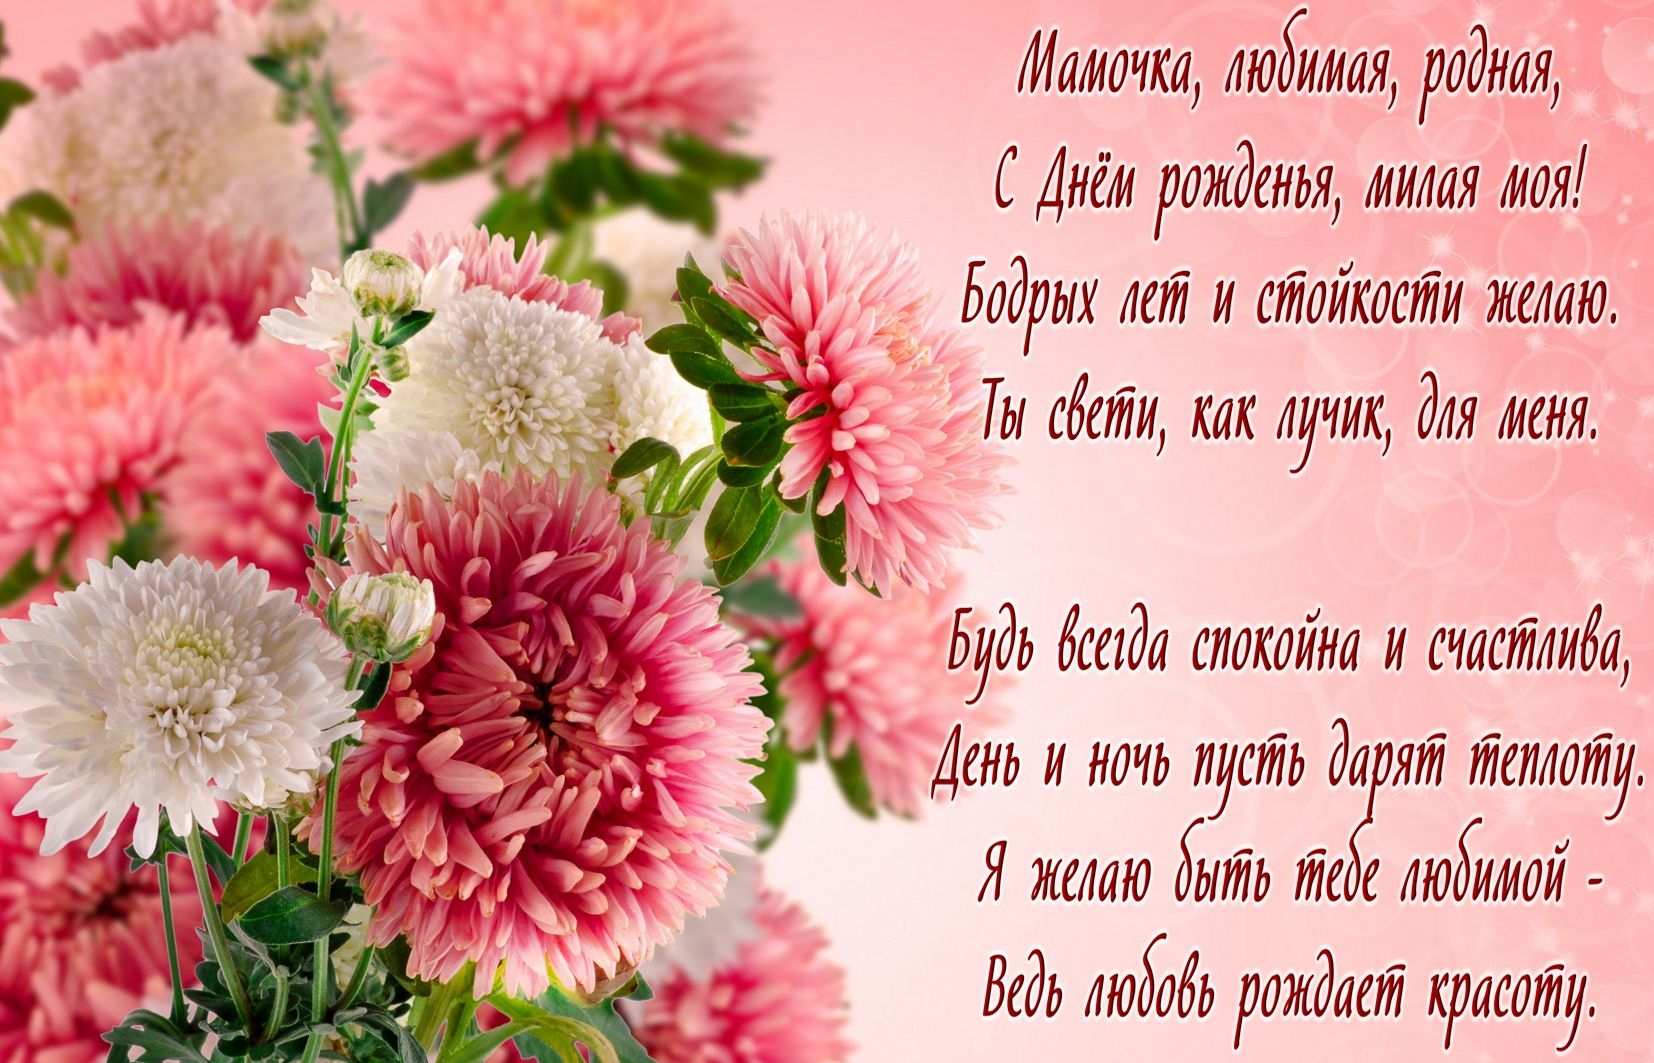 Короткие поздравления с днём рождения маме в стихах красивые 26